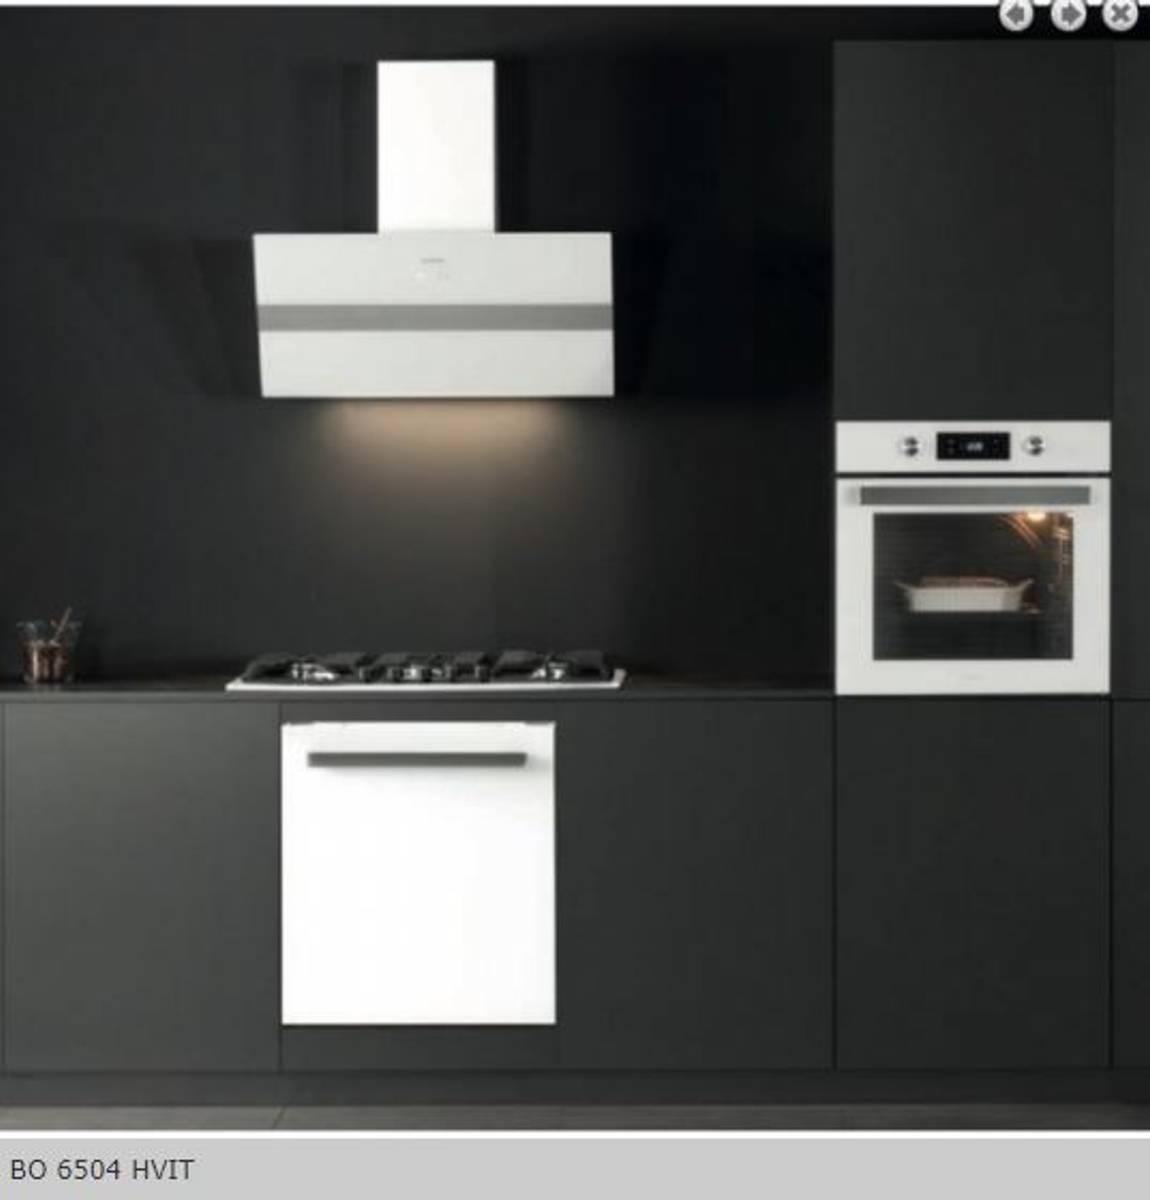 Silverlineintegrert stekeovn hvitBO 6504 HV